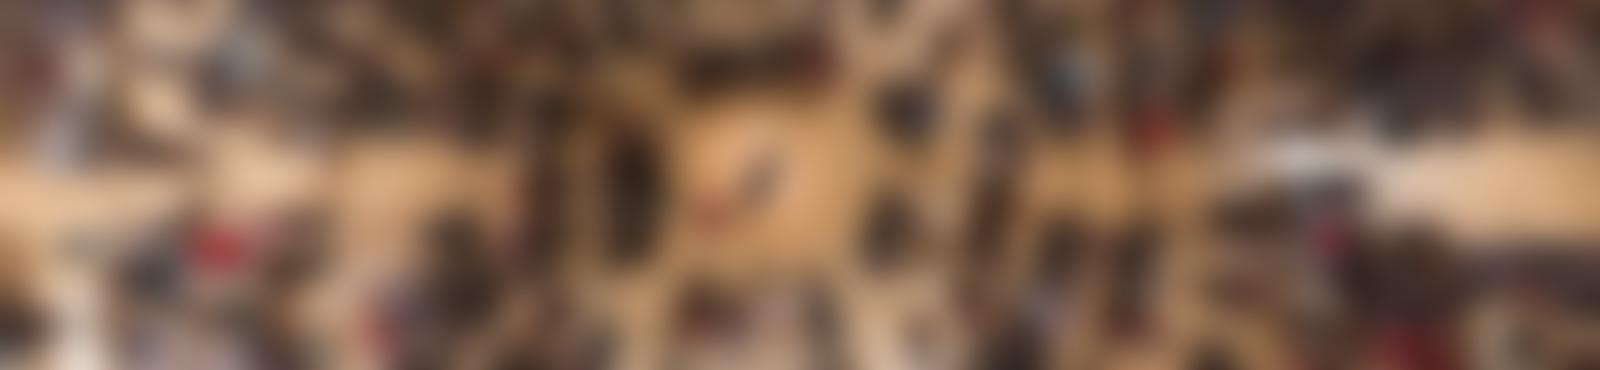 Blurred c54368f0 8ab3 41ad 8346 7a10bf55d7de